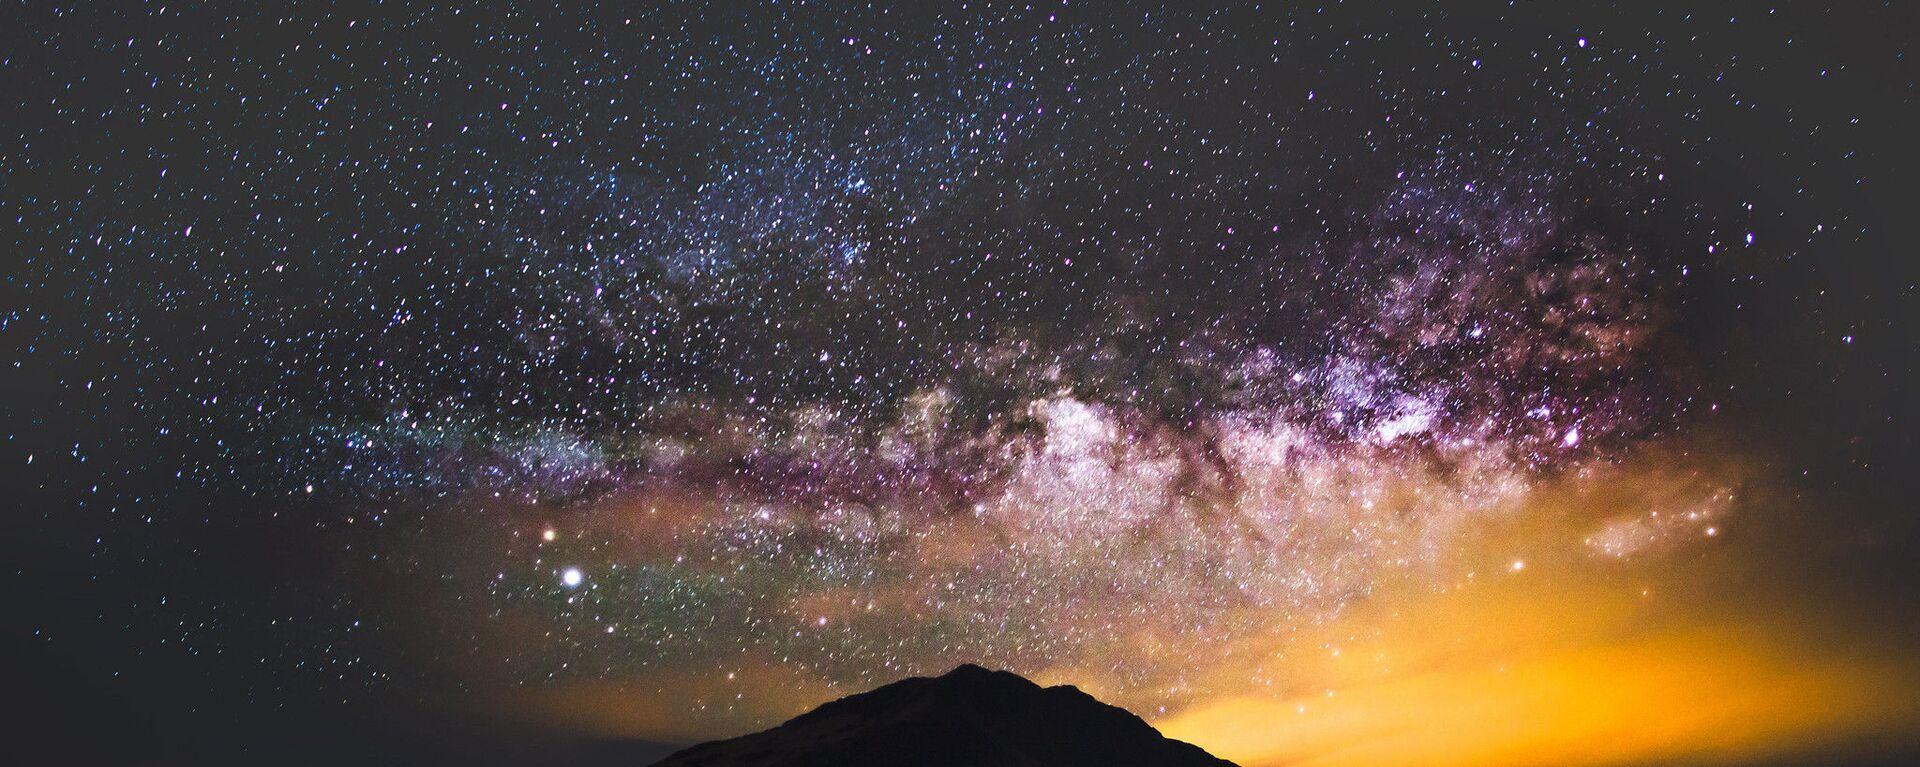 Mléčná dráha nad horou Hehuanshan v centrálním Tchaj-wanu - Sputnik Česká republika, 1920, 08.07.2021